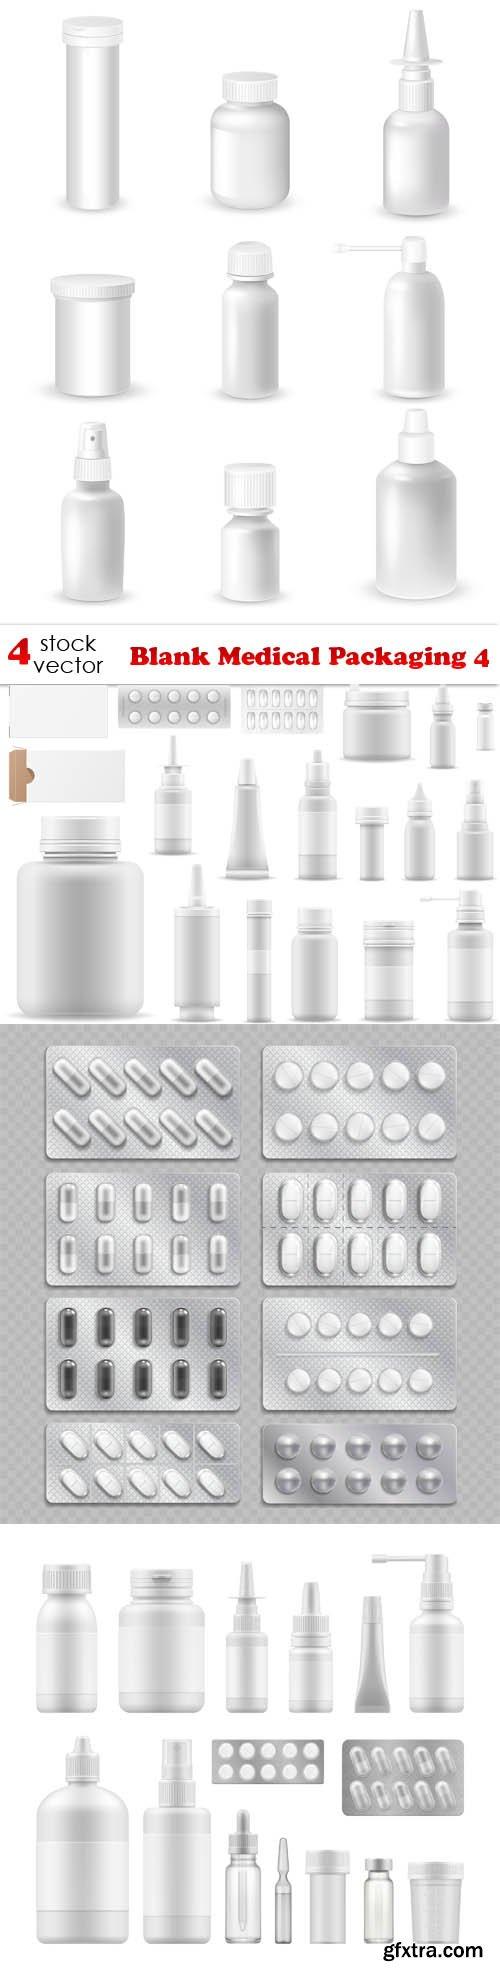 Vectors - Blank Medical Packaging 4